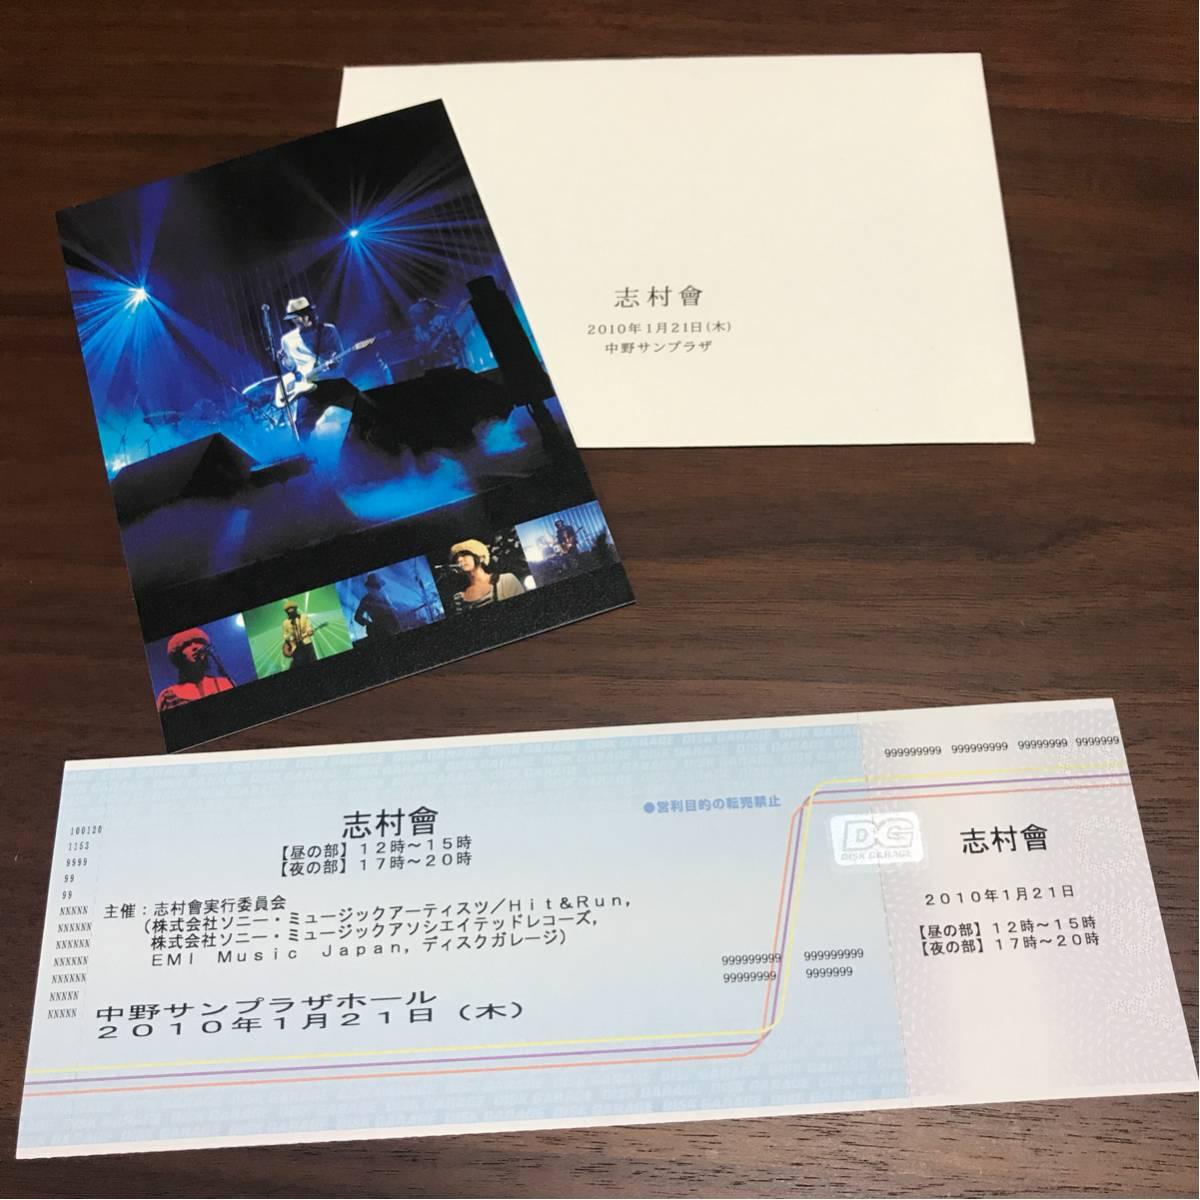 フジファブリック 志村正彦 ポストカード チケット 志村會 ライブグッズの画像